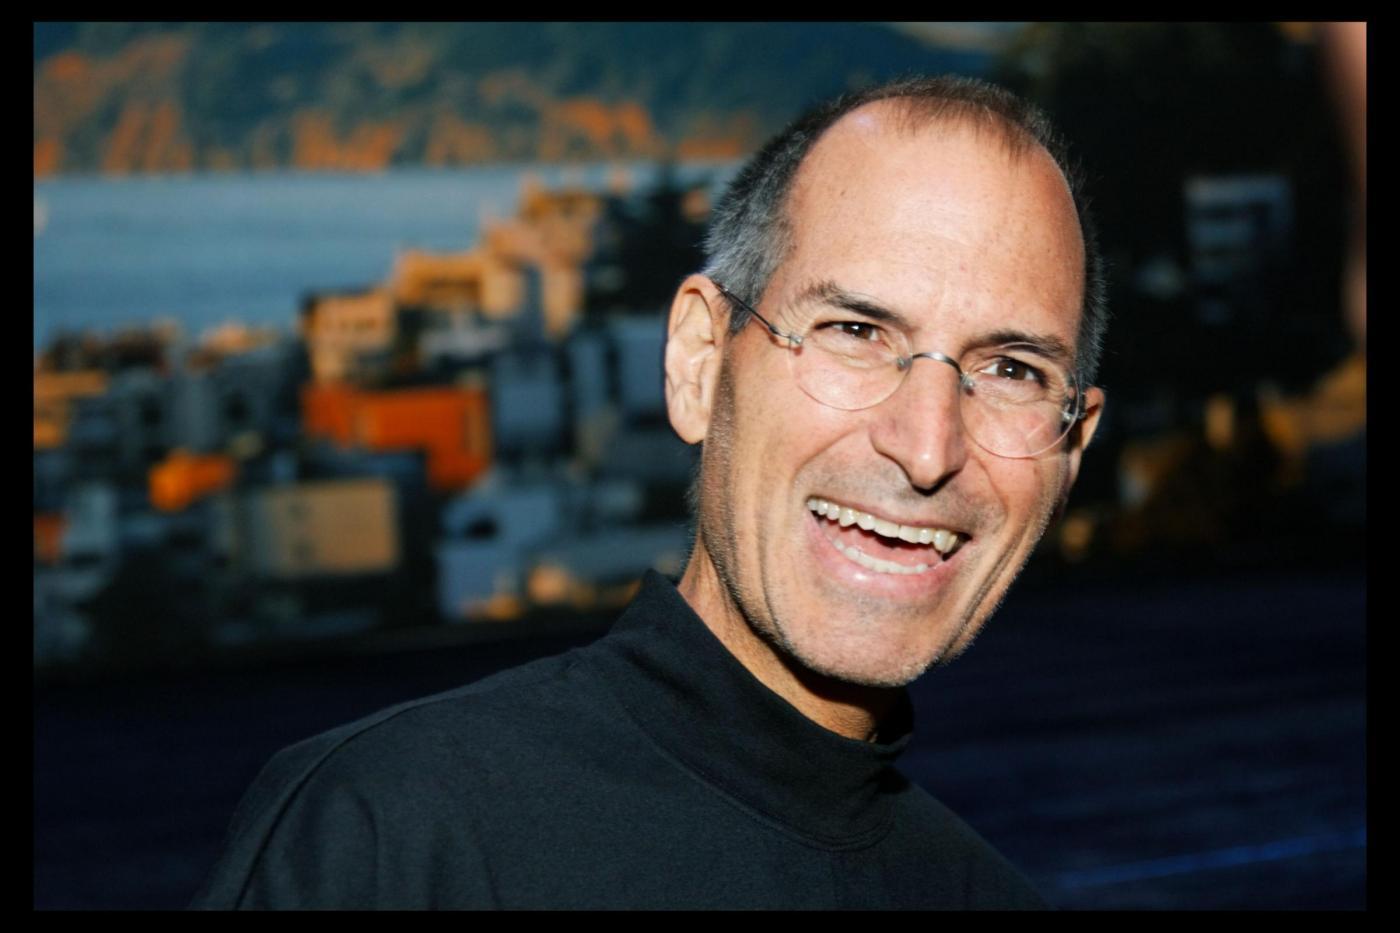 Steve Jobs anniversario morte: le migliori frasi del papà di Apple